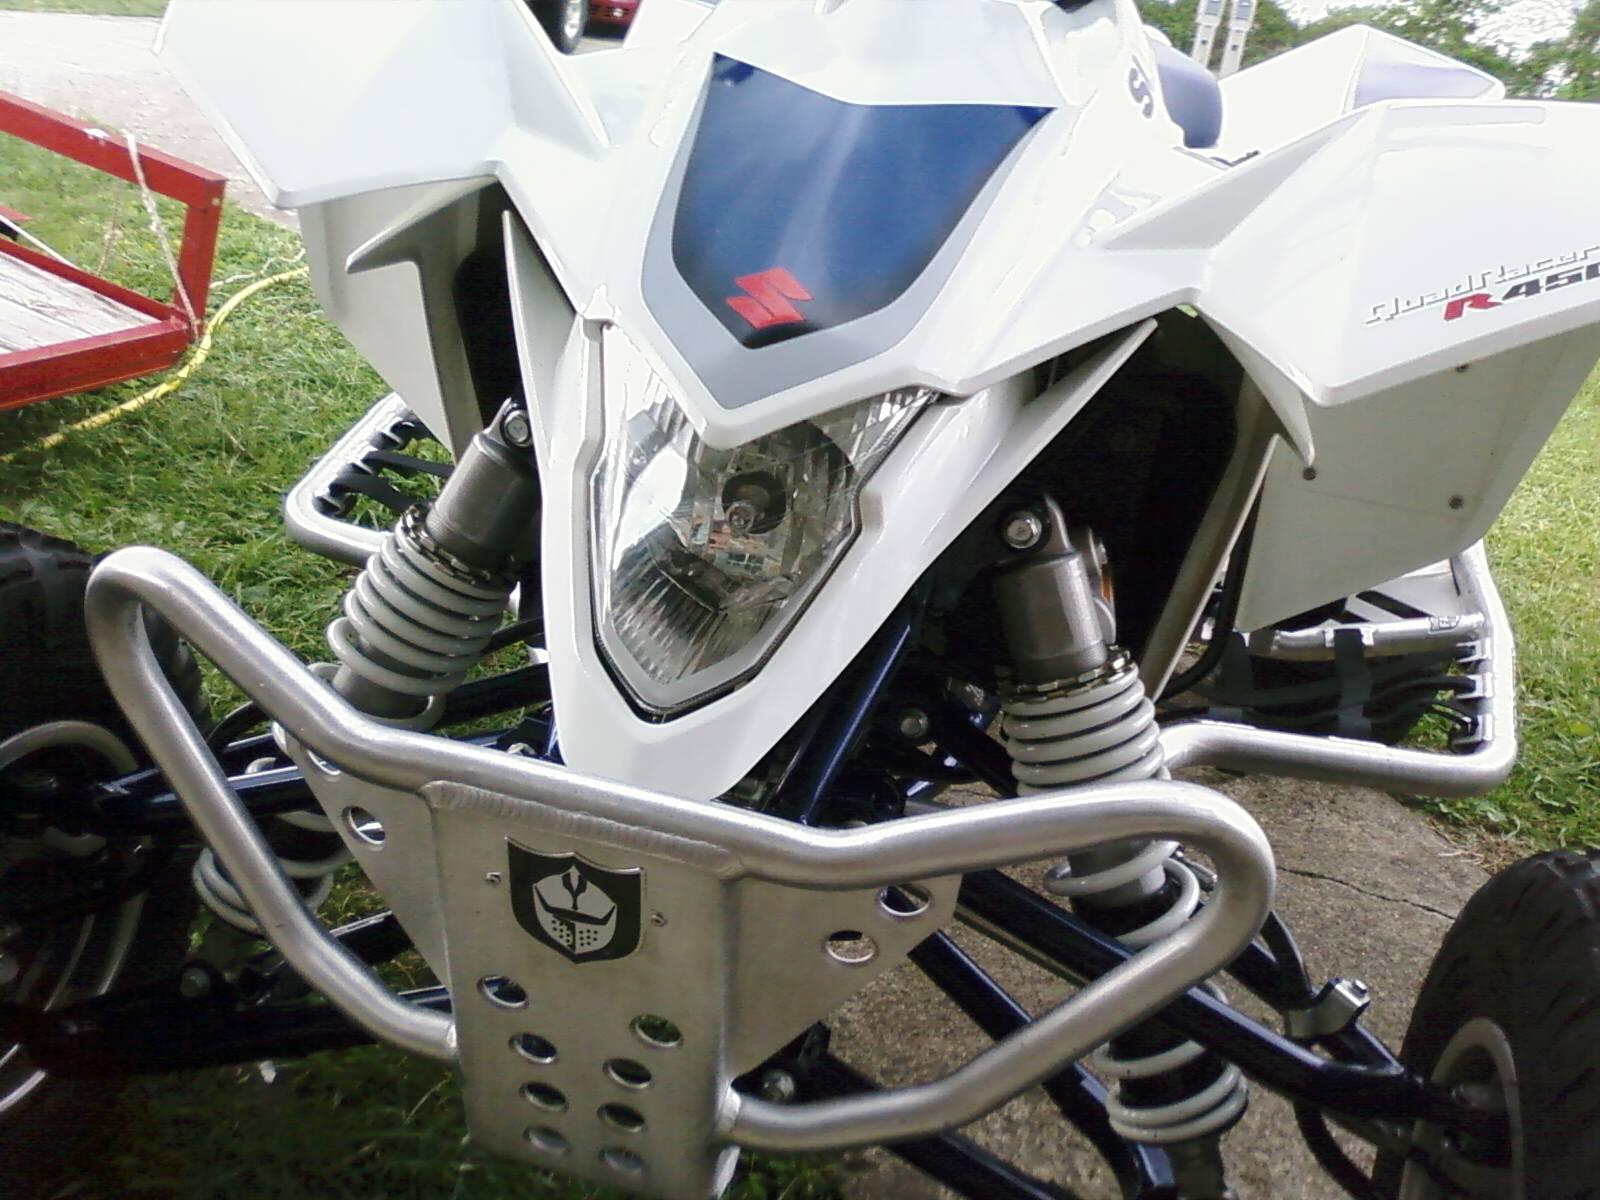 2007 Ltr 450r For Sale-ltr_450r_025.jpg